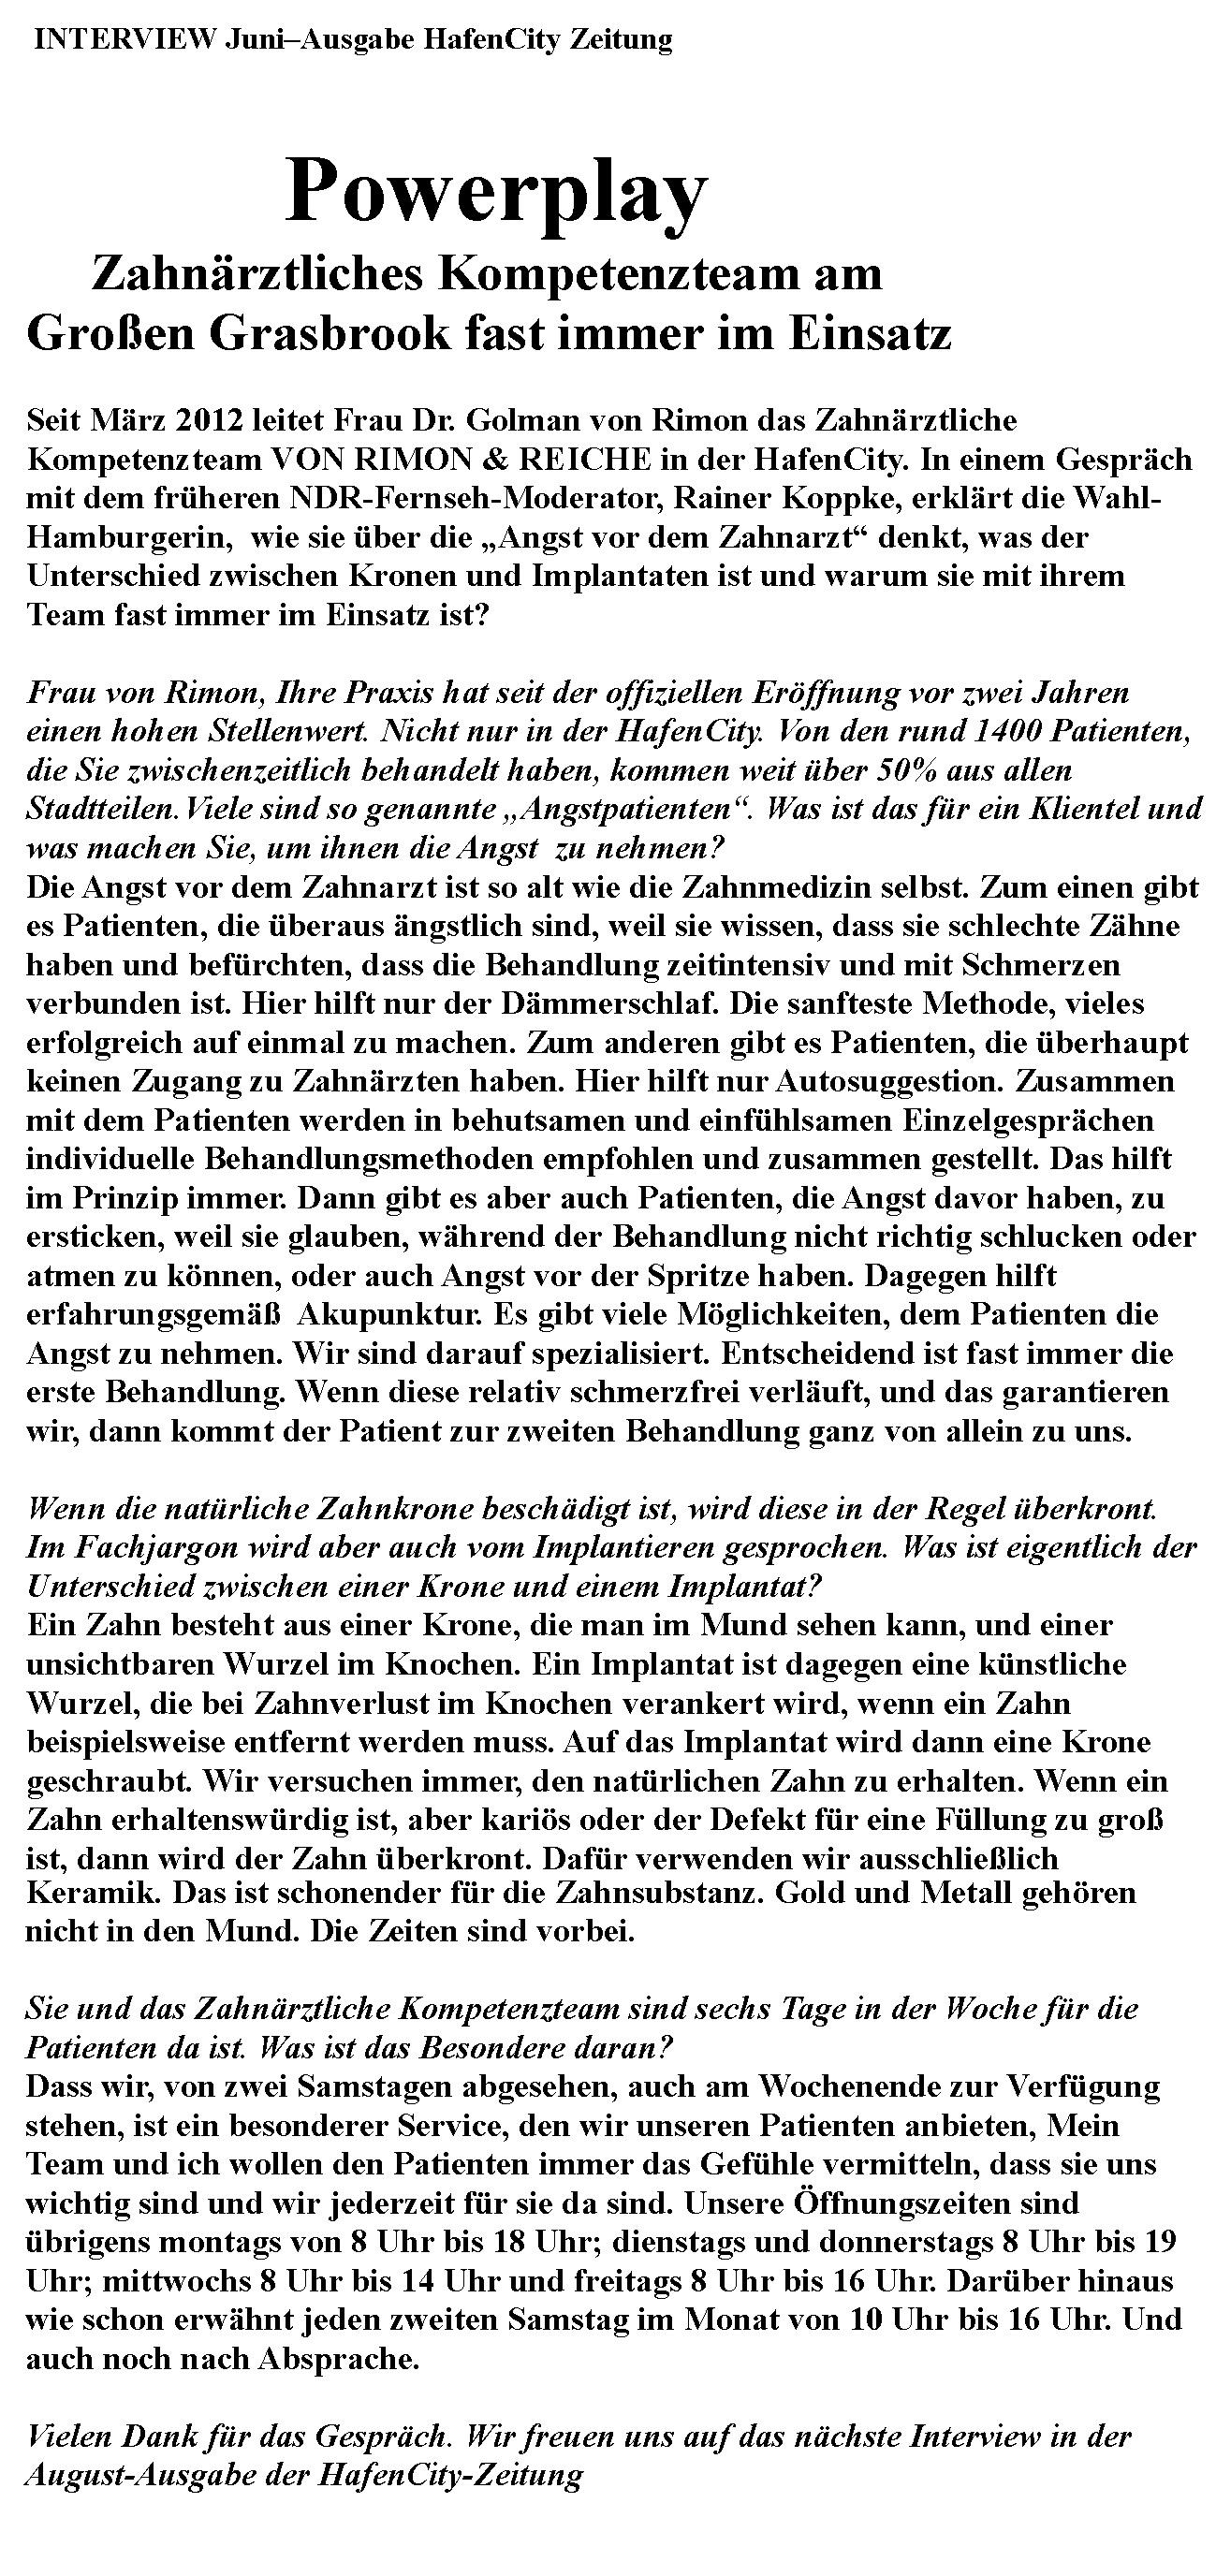 Interview Juni-Ausgabe Hafen City Zeitung